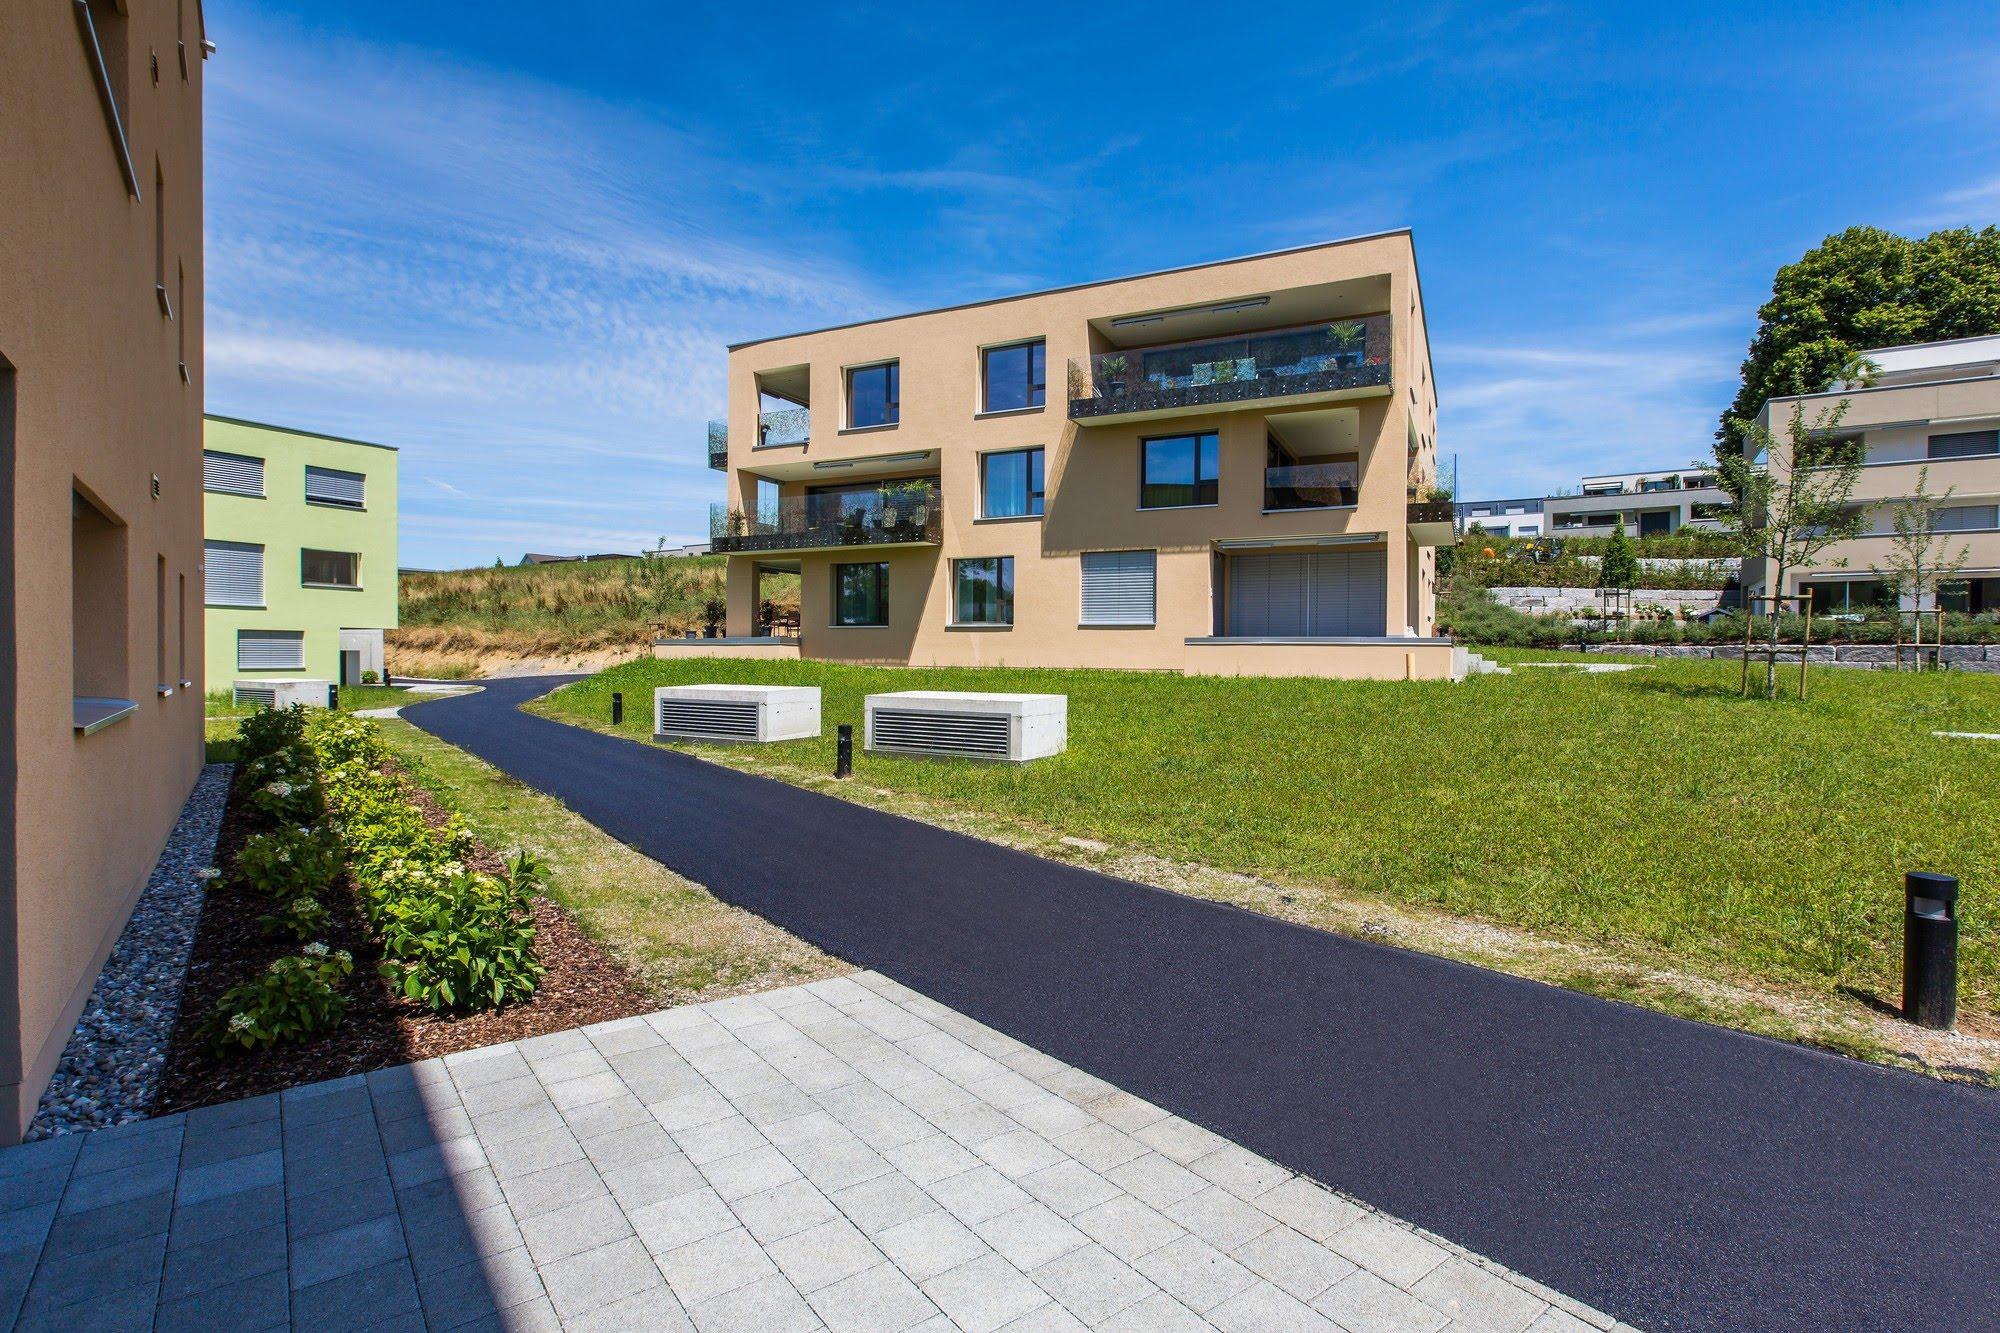 Wohnen MFH 13 MFH in Oberkirch Architektur,Wohnungsbau,Wohnhäuser,Einfamilienhäuser,Mehrfamilienhäuser